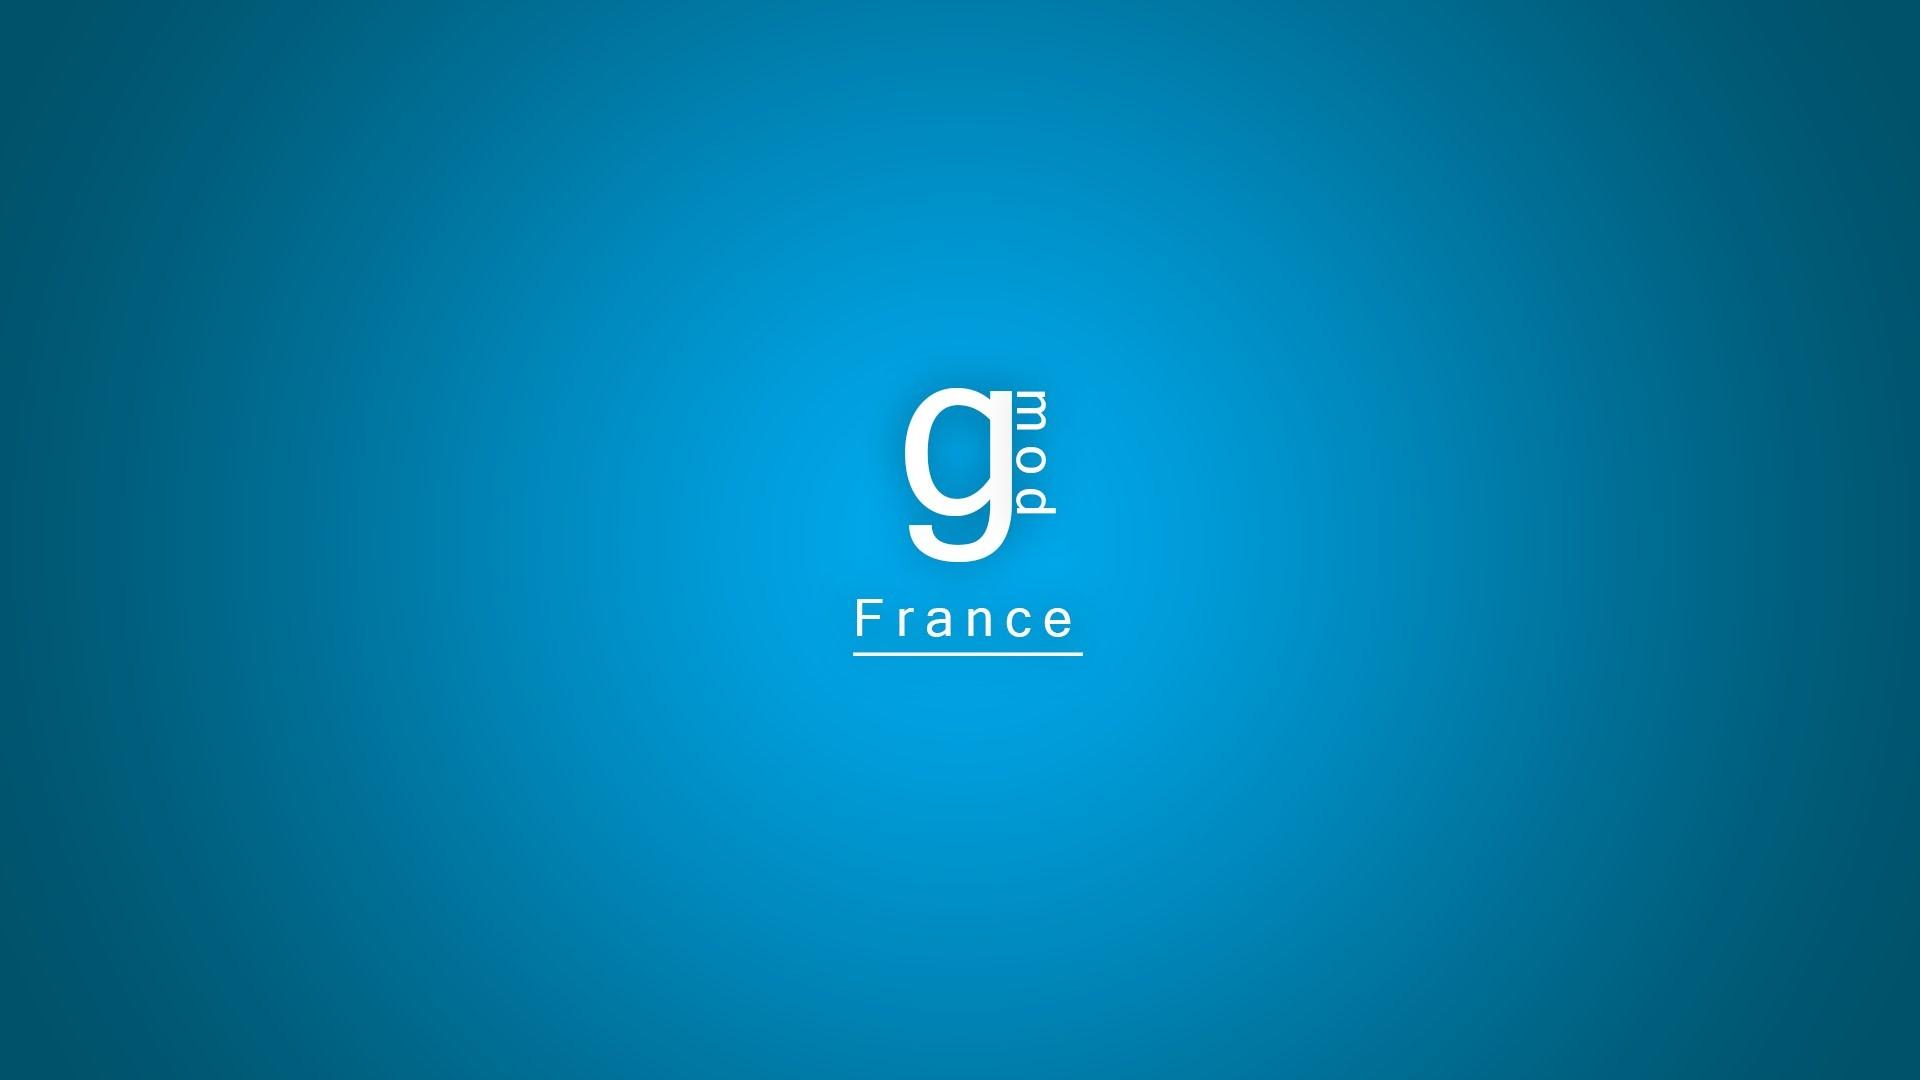 Speed Art – Gmod France's Youtube Banner – By DryteK – HD